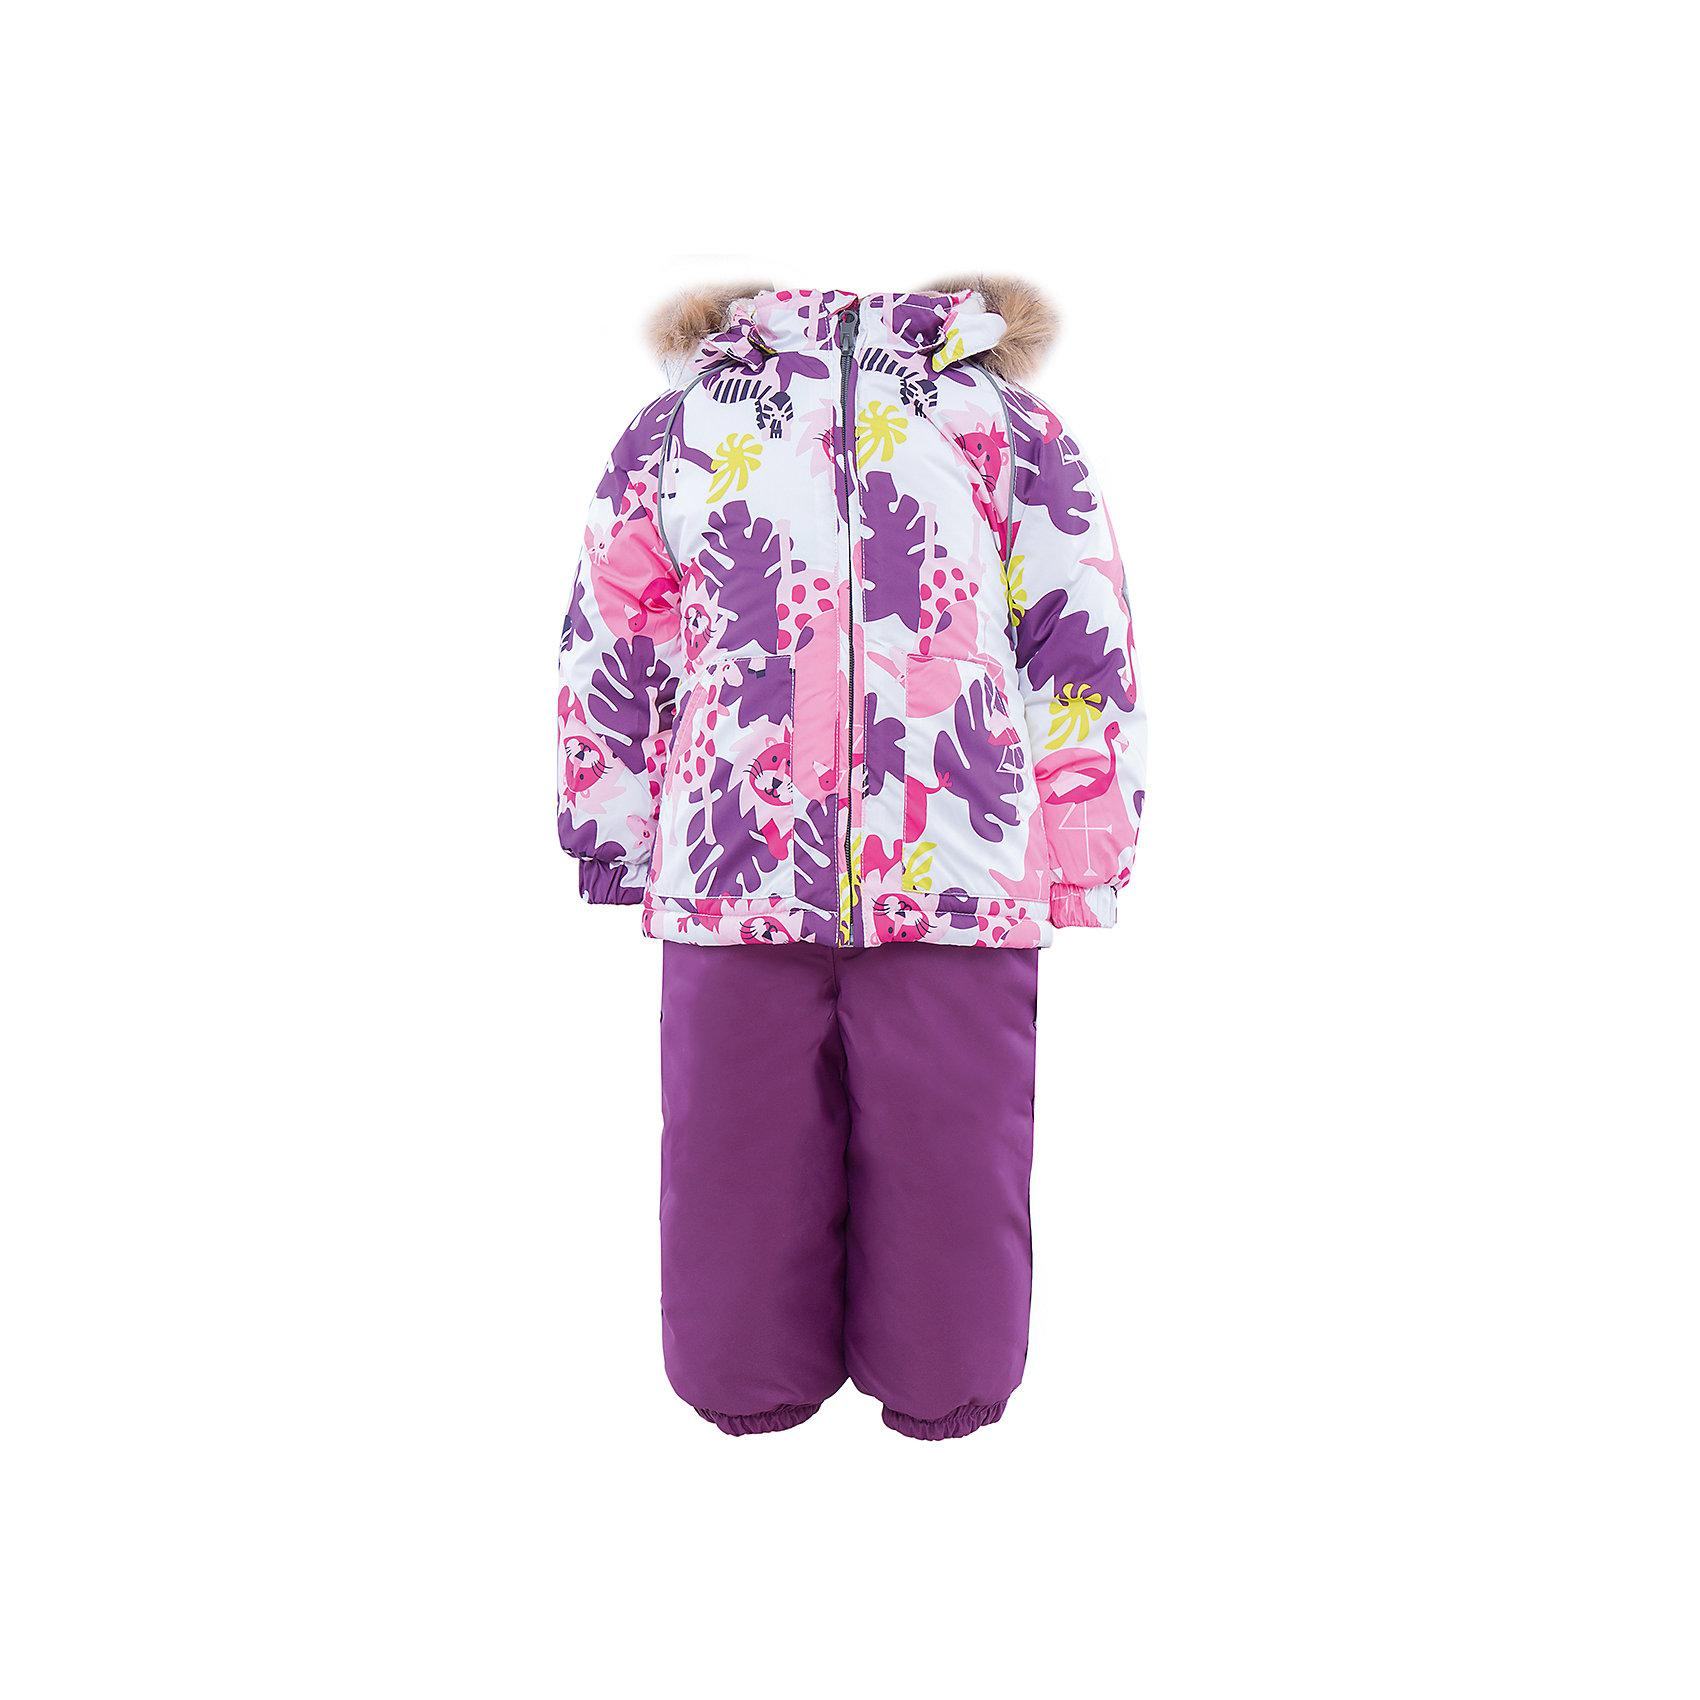 Комплект: куртка и полукомбинезон HuppaКомплект из куртки и комбинезона AVERY Huppa(Хуппа).<br><br>Утеплитель: 100% полиэстер. Куртка – 300 гр., полукомбинезон – 160 гр.<br><br>Температурный режим: до -30 градусов. Степень утепления – высокая. <br><br>* Температурный режим указан приблизительно — необходимо, прежде всего, ориентироваться на ощущения ребенка. Температурный режим работает в случае соблюдения правила многослойности – использования флисовой поддевы и термобелья.<br><br>Отлично подойдет для зимних прогулок. Комбинезон имеет подтяжки и резинки на талии и манжетах. Куртка с капюшоном и резинками на манжетах имеет необычный дизайн и принт со зверюшками.<br><br>Особенности:<br>-плотная дышащая и водоотталкивающая мембрана<br>-водонепроницаемый<br>-мягкая фланелевая подкладка<br>-водостойкая лента на швах<br>-высокая прочность<br>-светоотражающие элементы<br>-съемный каюшон с отстегивающимся мехом<br>-шаговый шов проклеен<br><br>Дополнительная информация:<br>Материал: 100% полиэстер<br>Подкладка: фланель - 100% хлопок<br>Цвет: лиловый/белый<br><br>Вы можете приобрести комплект AVERY Huppa(Хуппа) в нашем интернет-магазине.<br><br>Ширина мм: 356<br>Глубина мм: 10<br>Высота мм: 245<br>Вес г: 519<br>Цвет: белый<br>Возраст от месяцев: 18<br>Возраст до месяцев: 24<br>Пол: Женский<br>Возраст: Детский<br>Размер: 80,104,98,86,92<br>SKU: 4928768